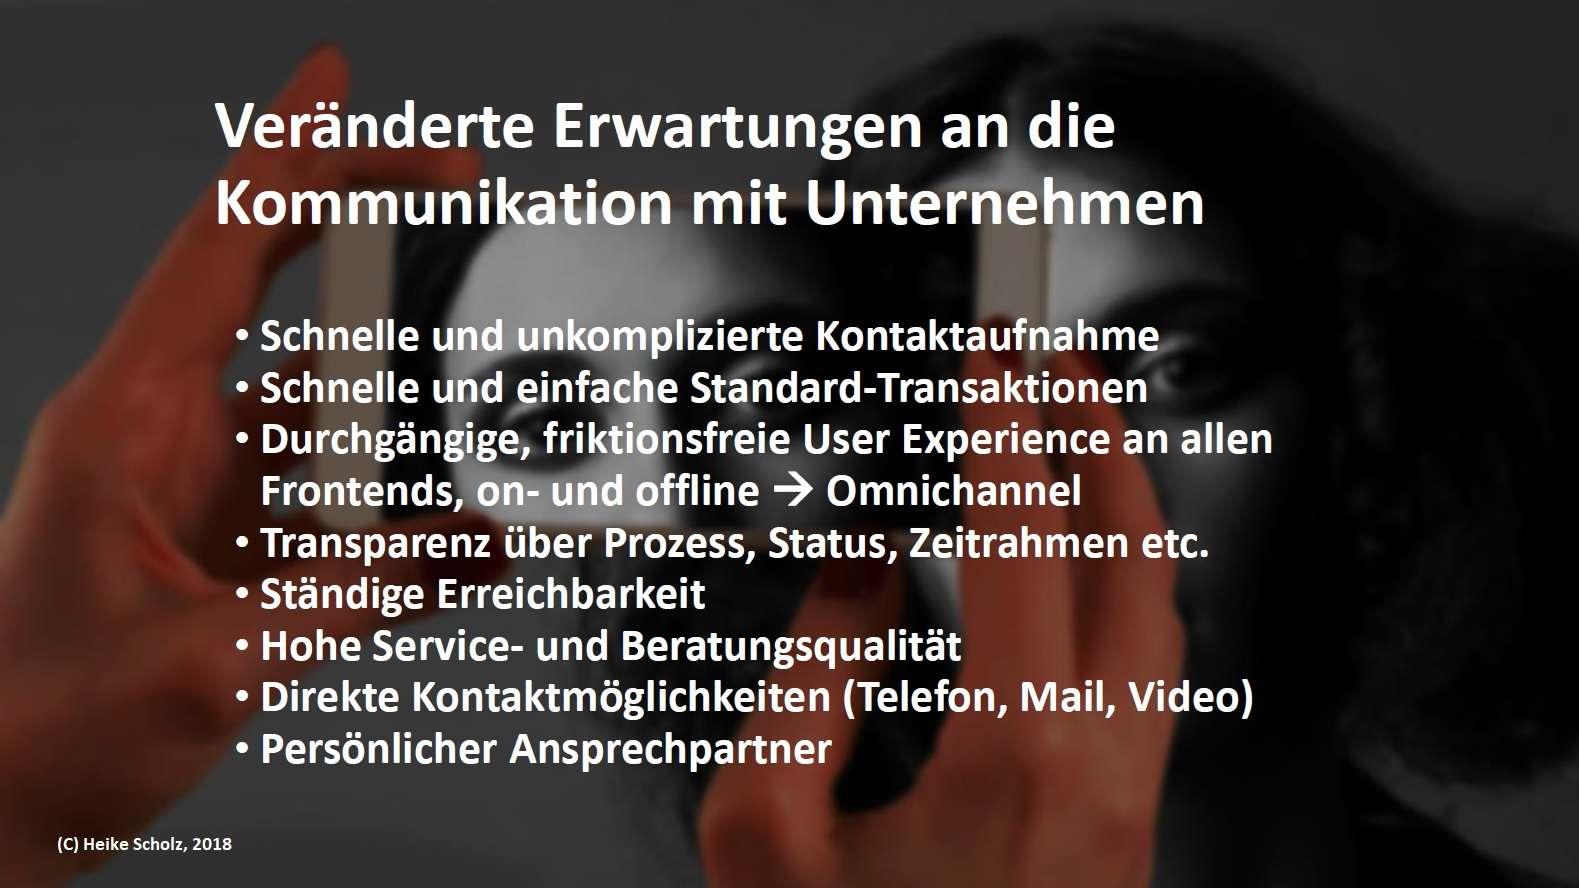 Veränderte Erwartungen an Kommunikation